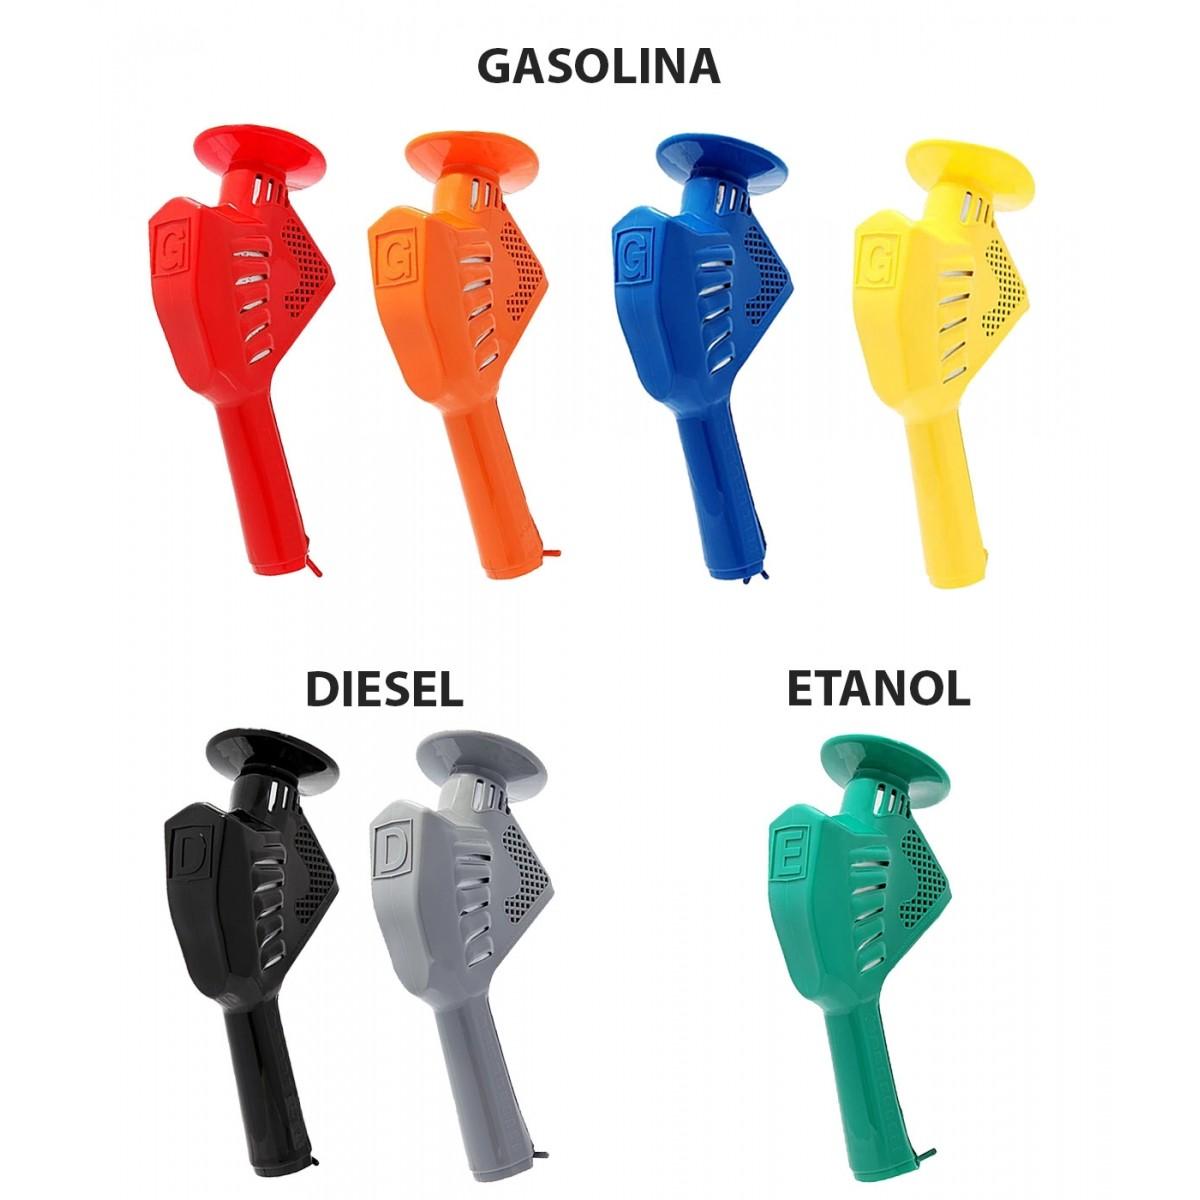 Capa para Bico 3x1   Capa Protetora   Suporte de Mangueira   Protetor de Respingo - Verde Etanol